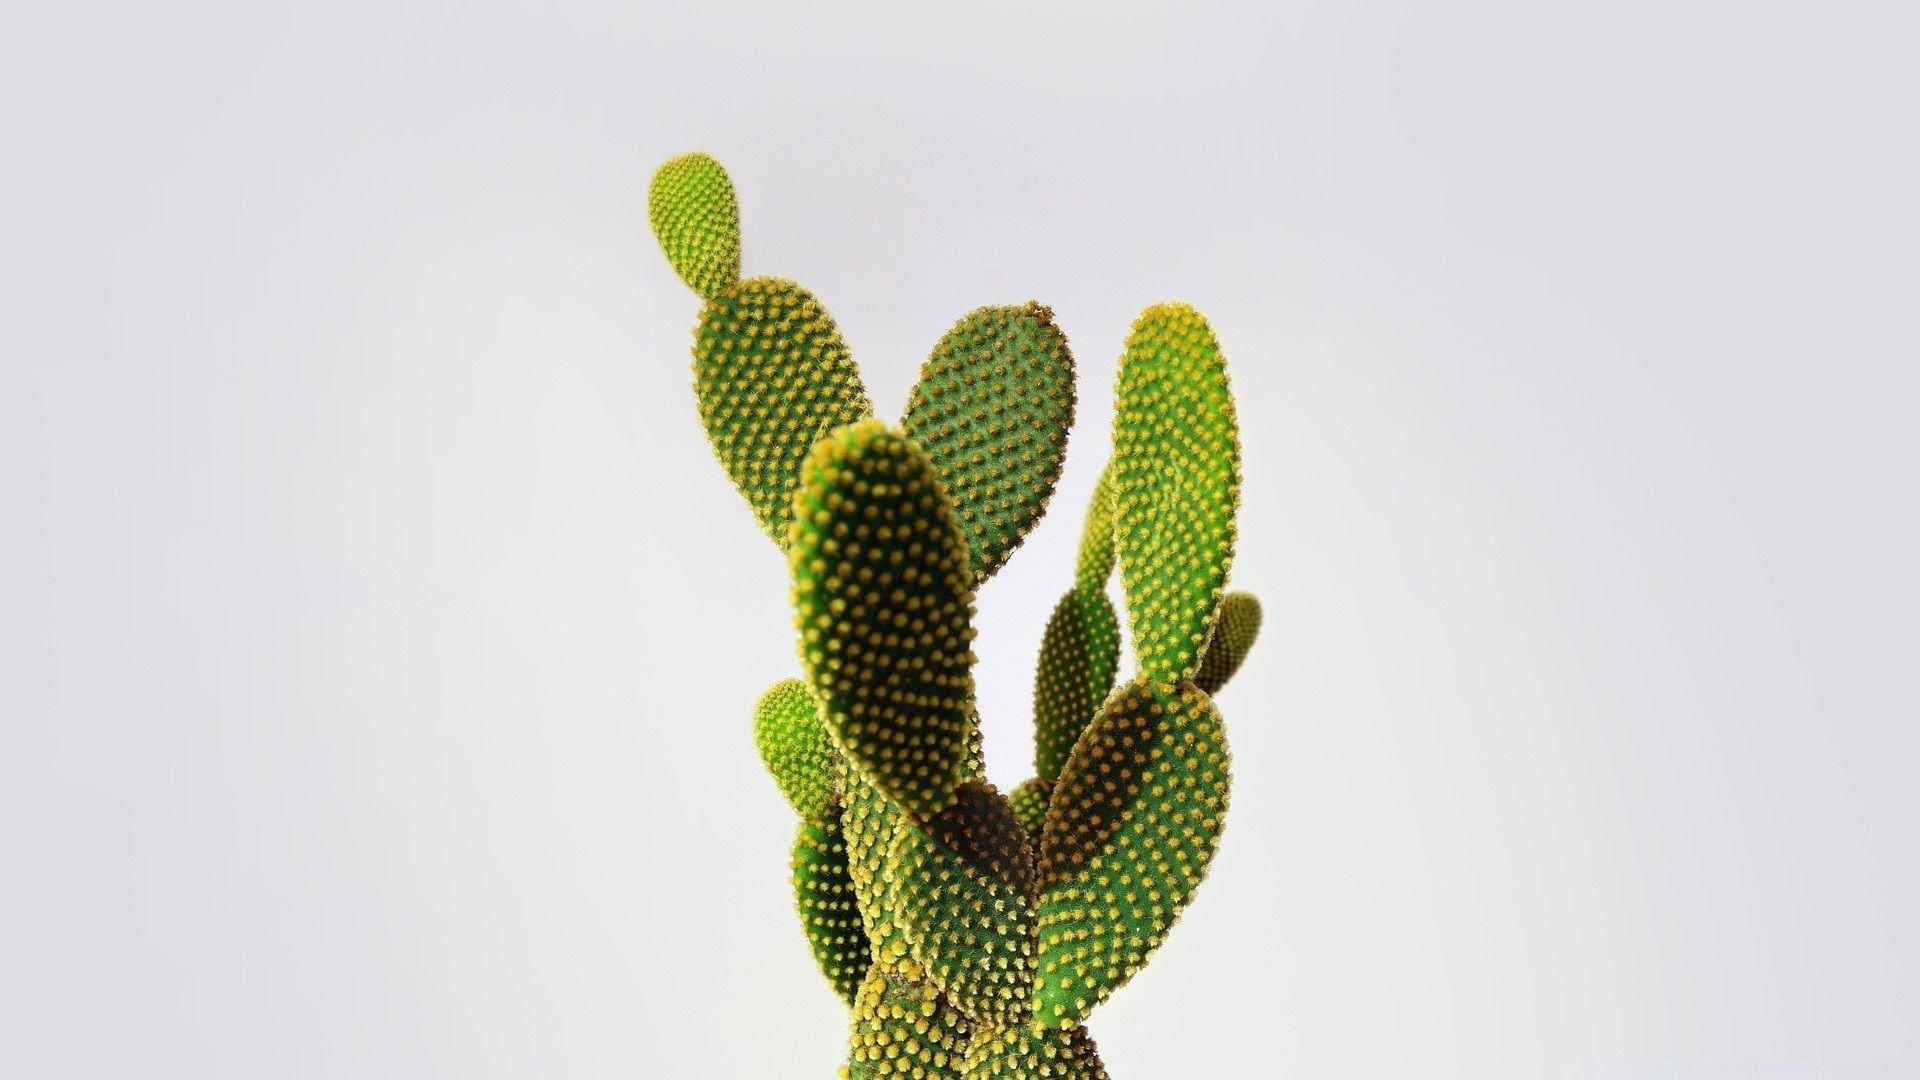 Cactus Picture